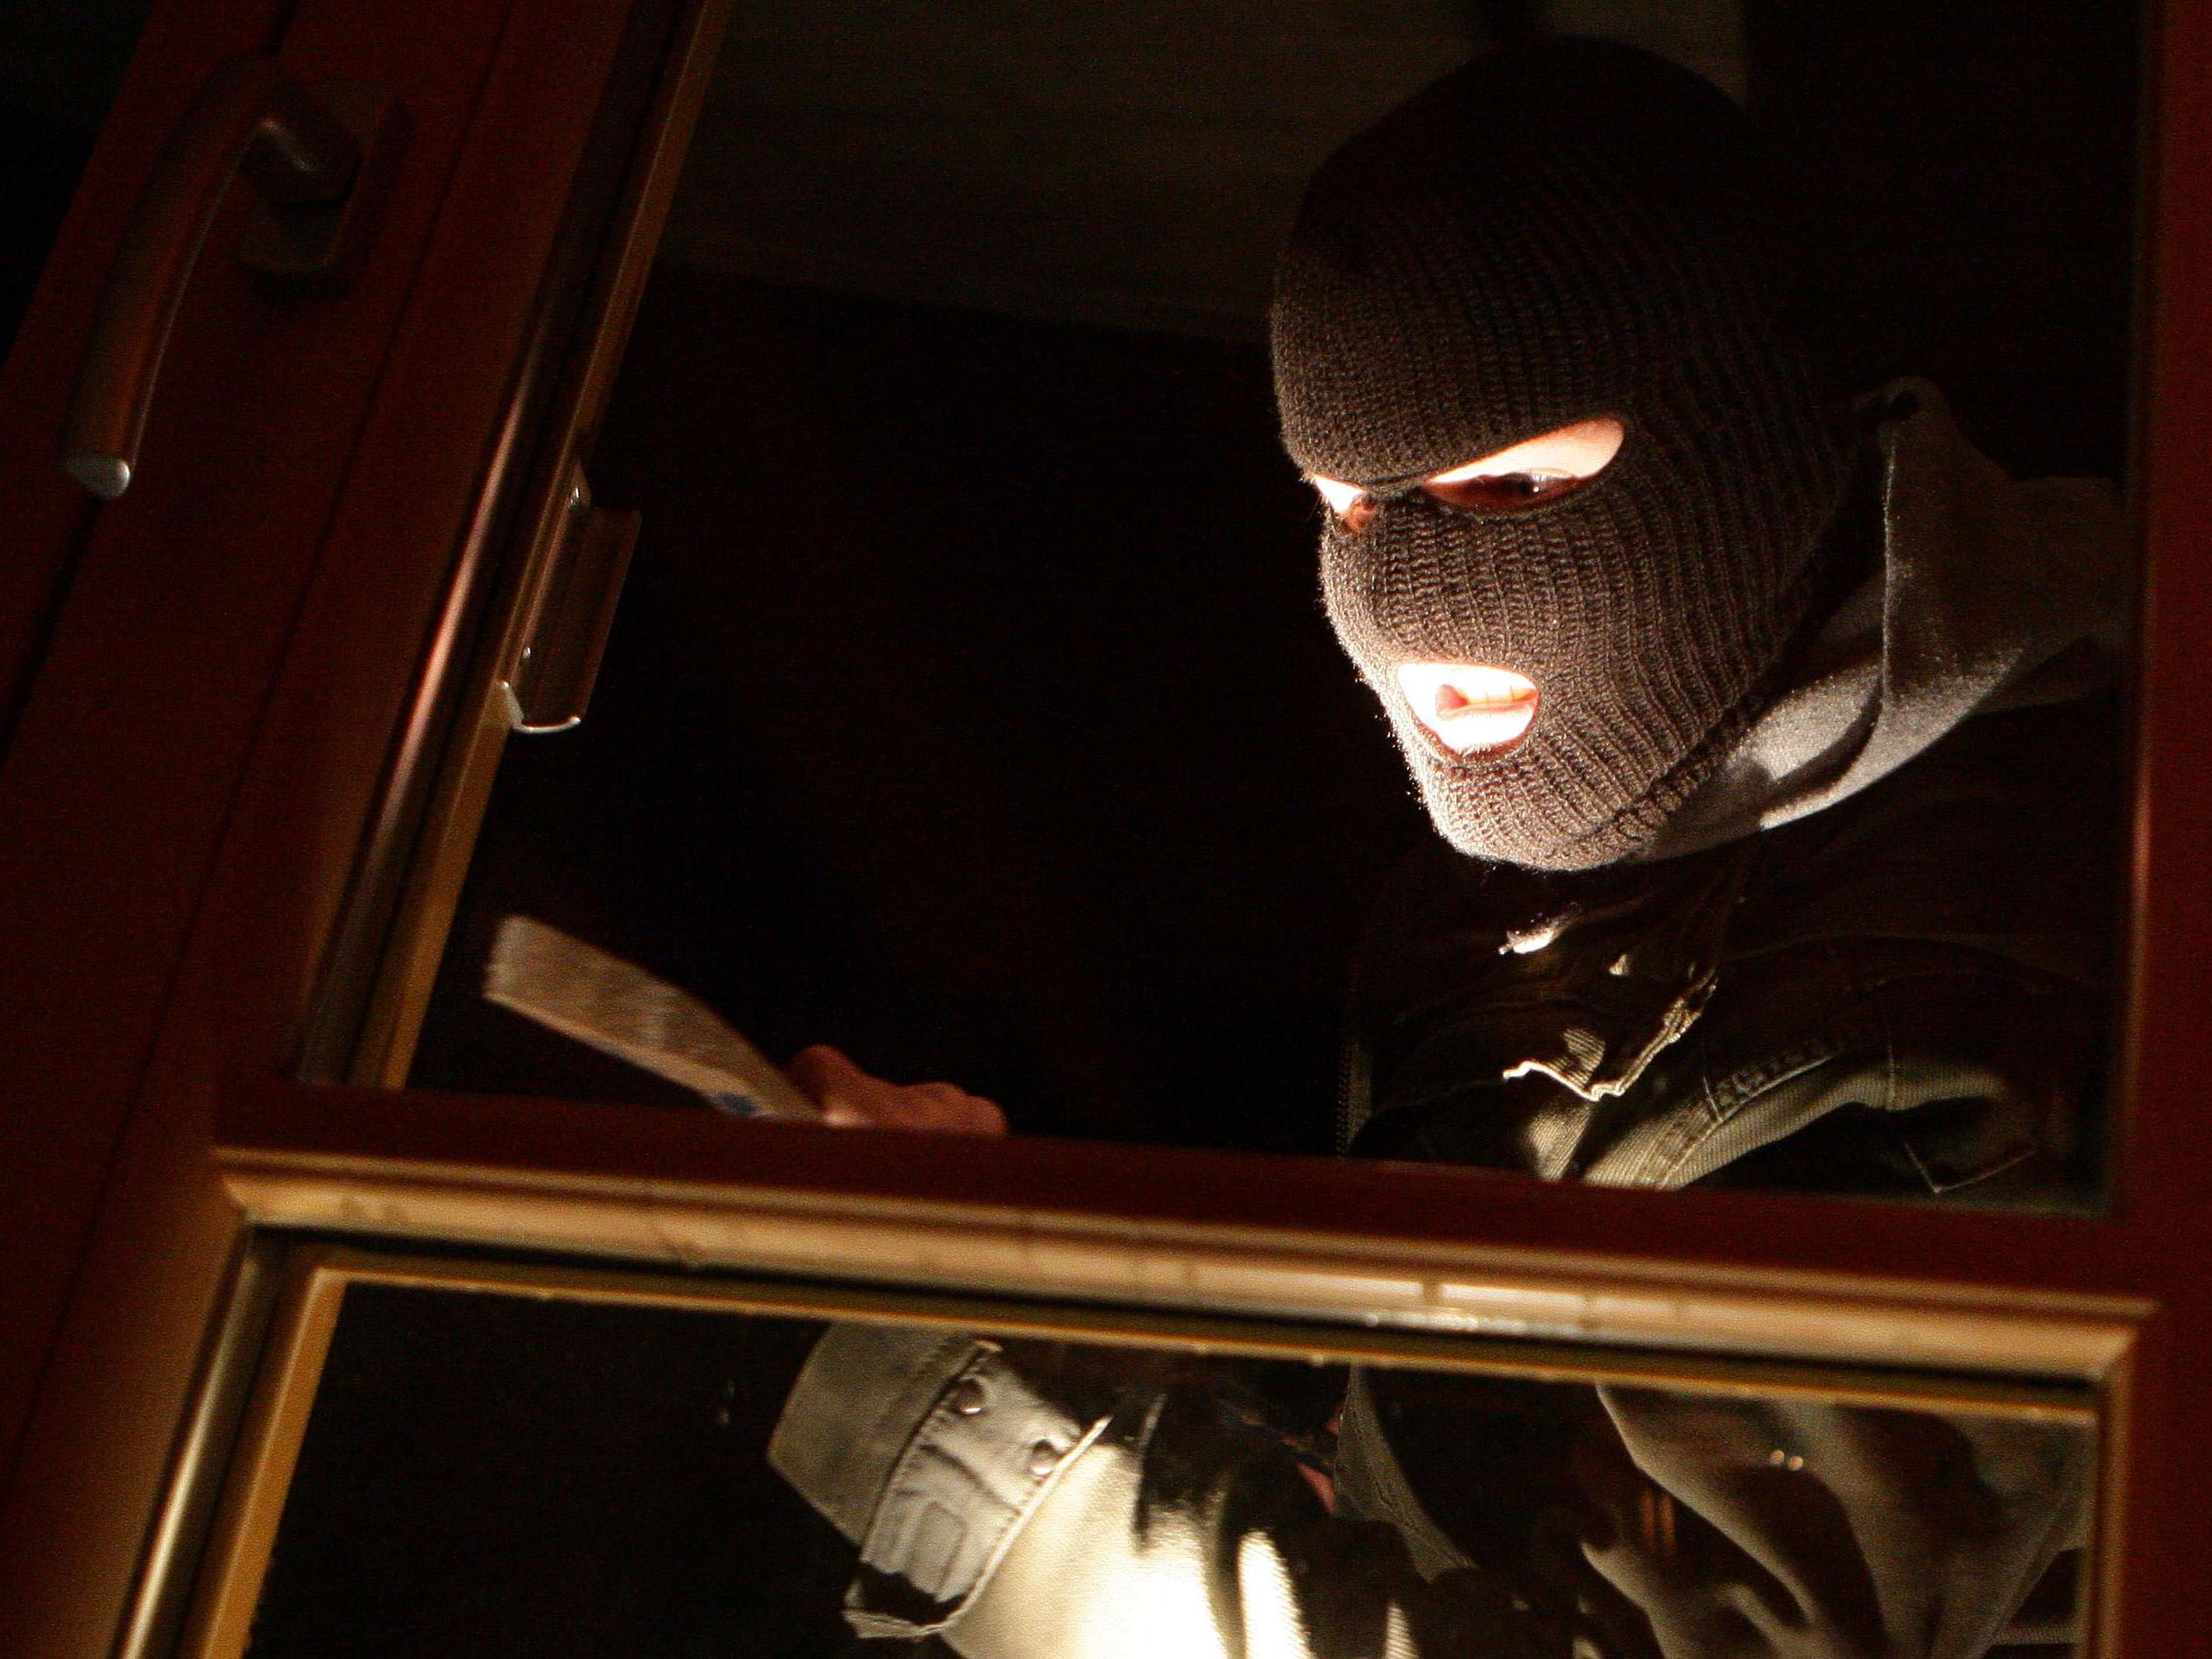 Das brutale Vorgehen der Bande versetzte die Bürger in Angst und Schrecken.